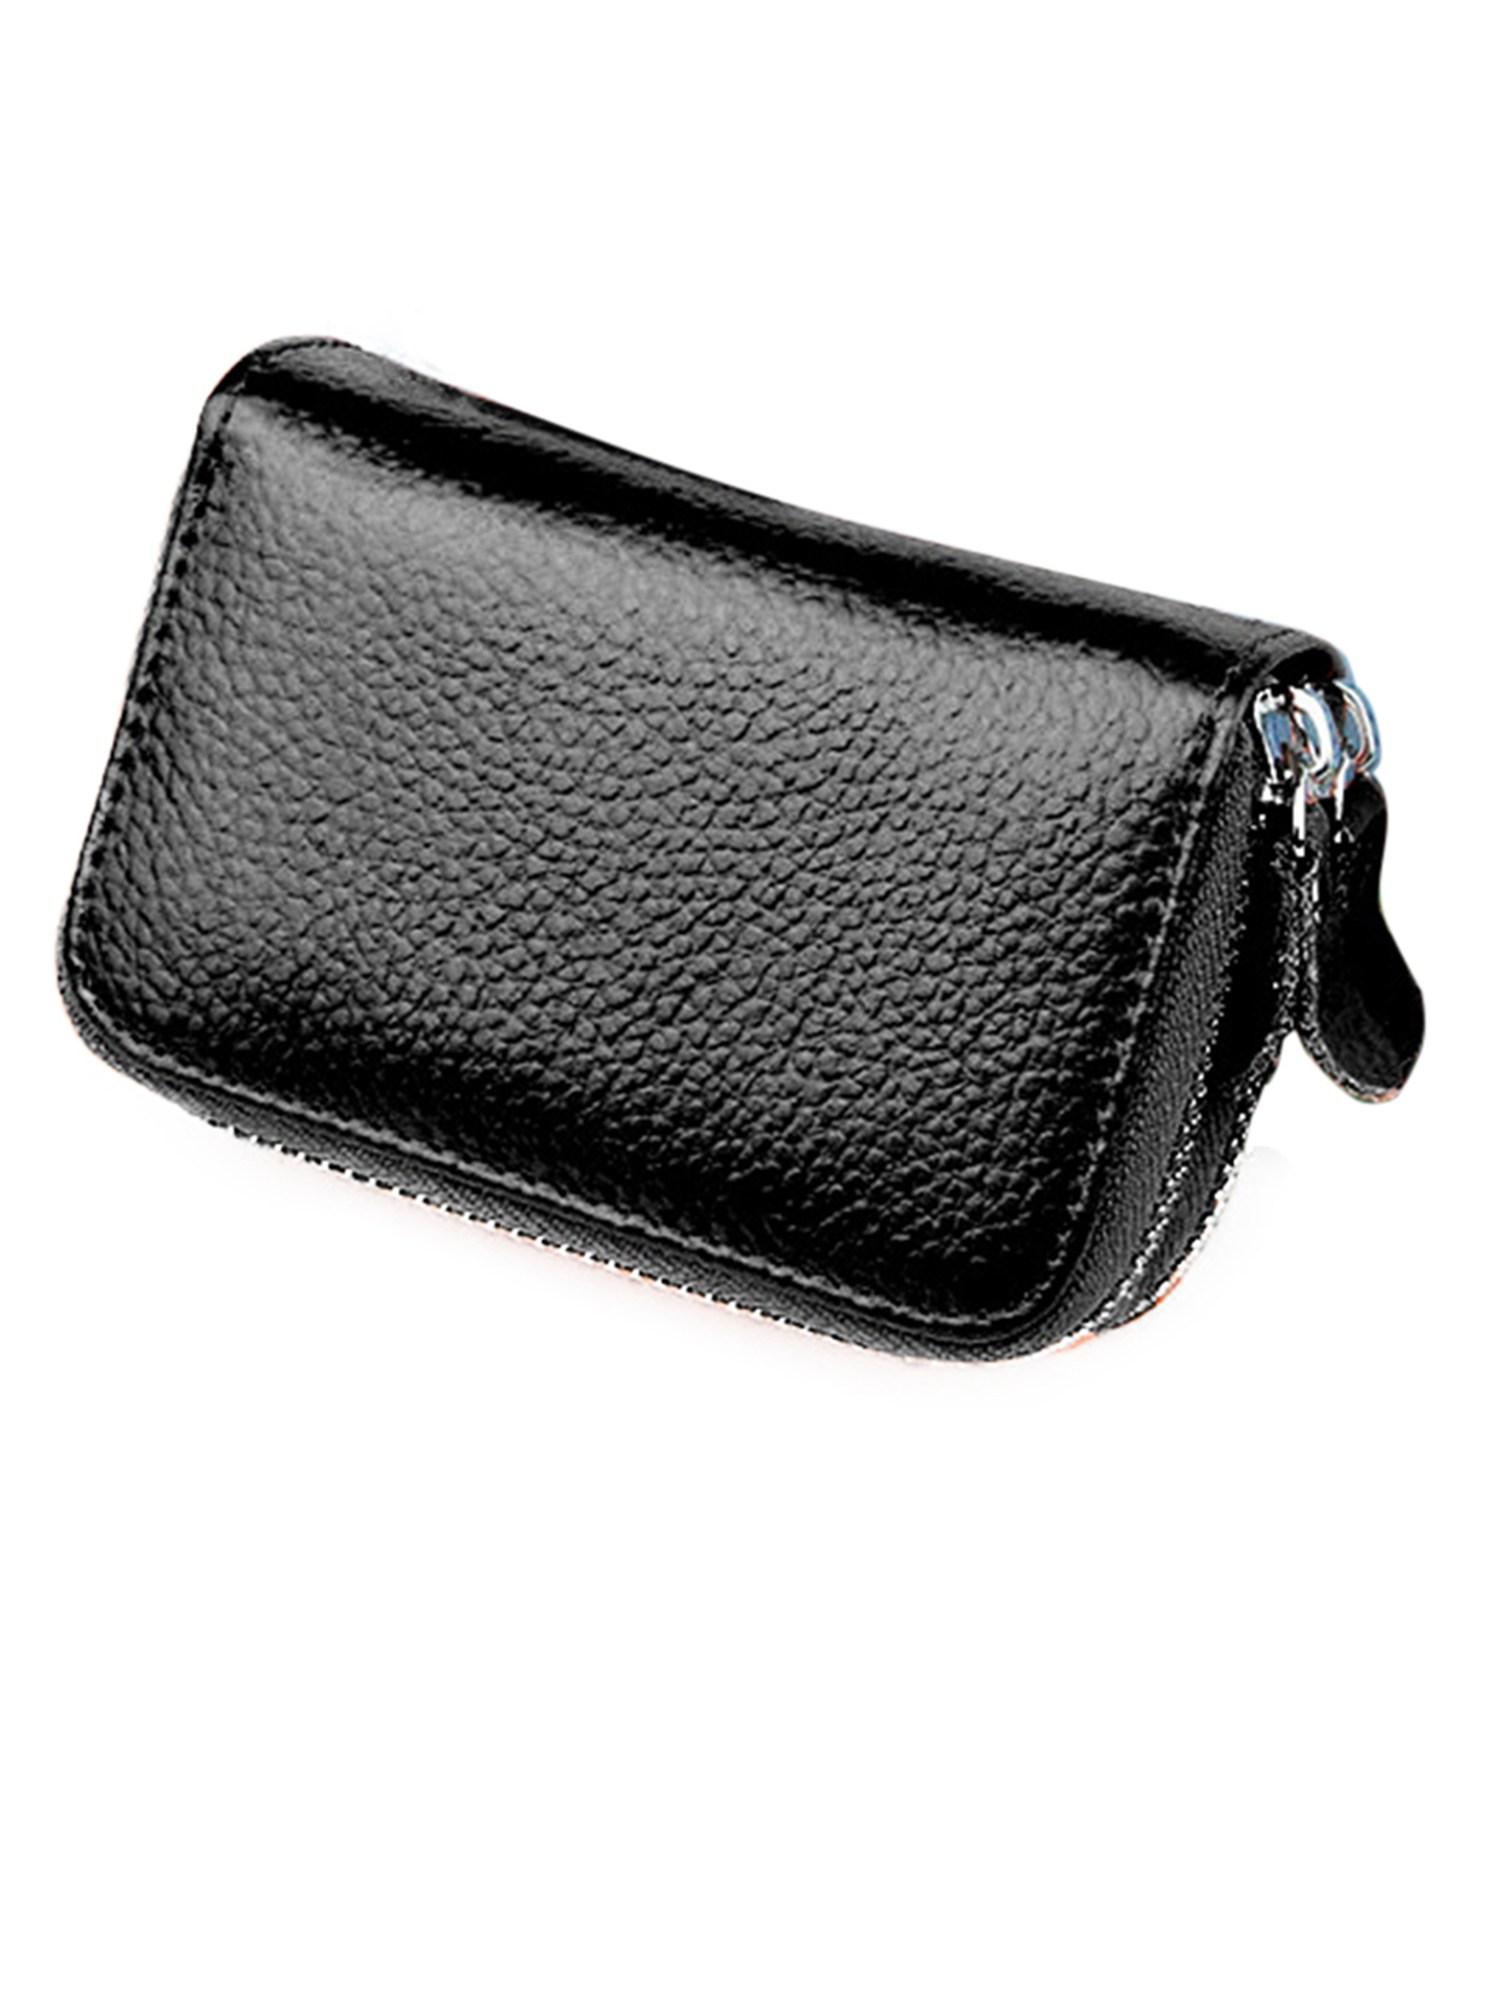 여성용 지갑 카드 지갑 가방 더블 지퍼 미니 토트백